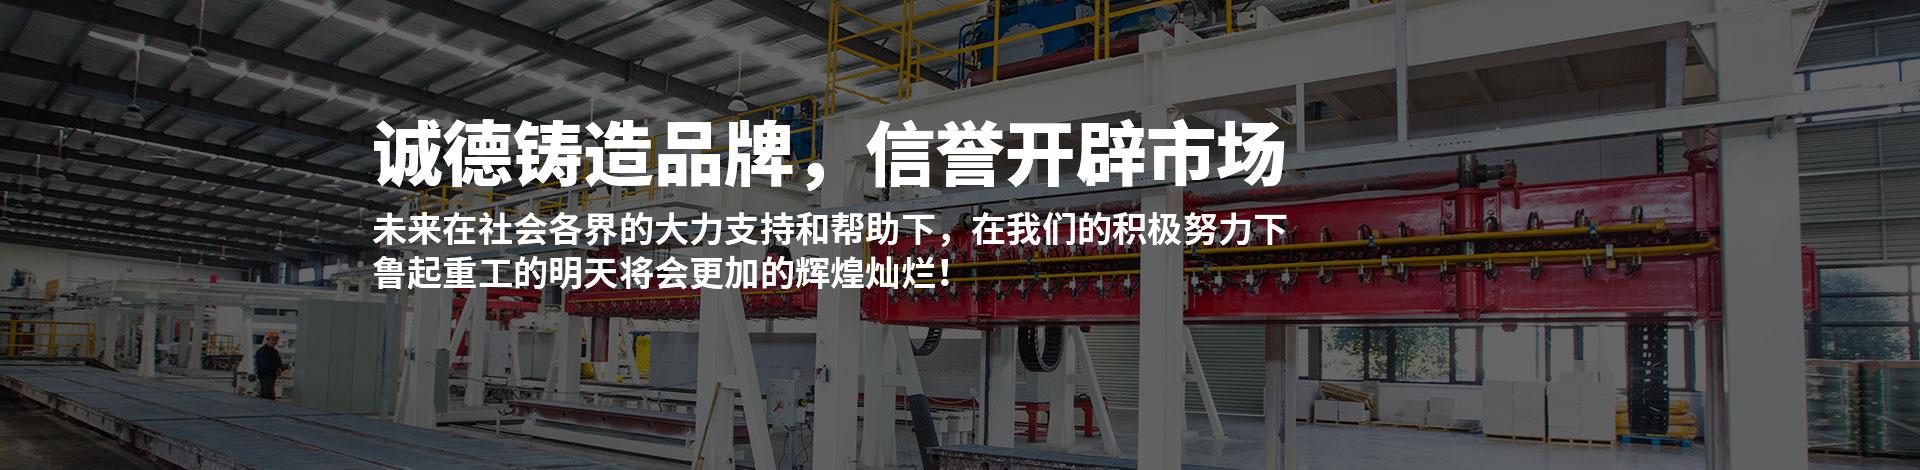 山东鲁起重工机械有限公司